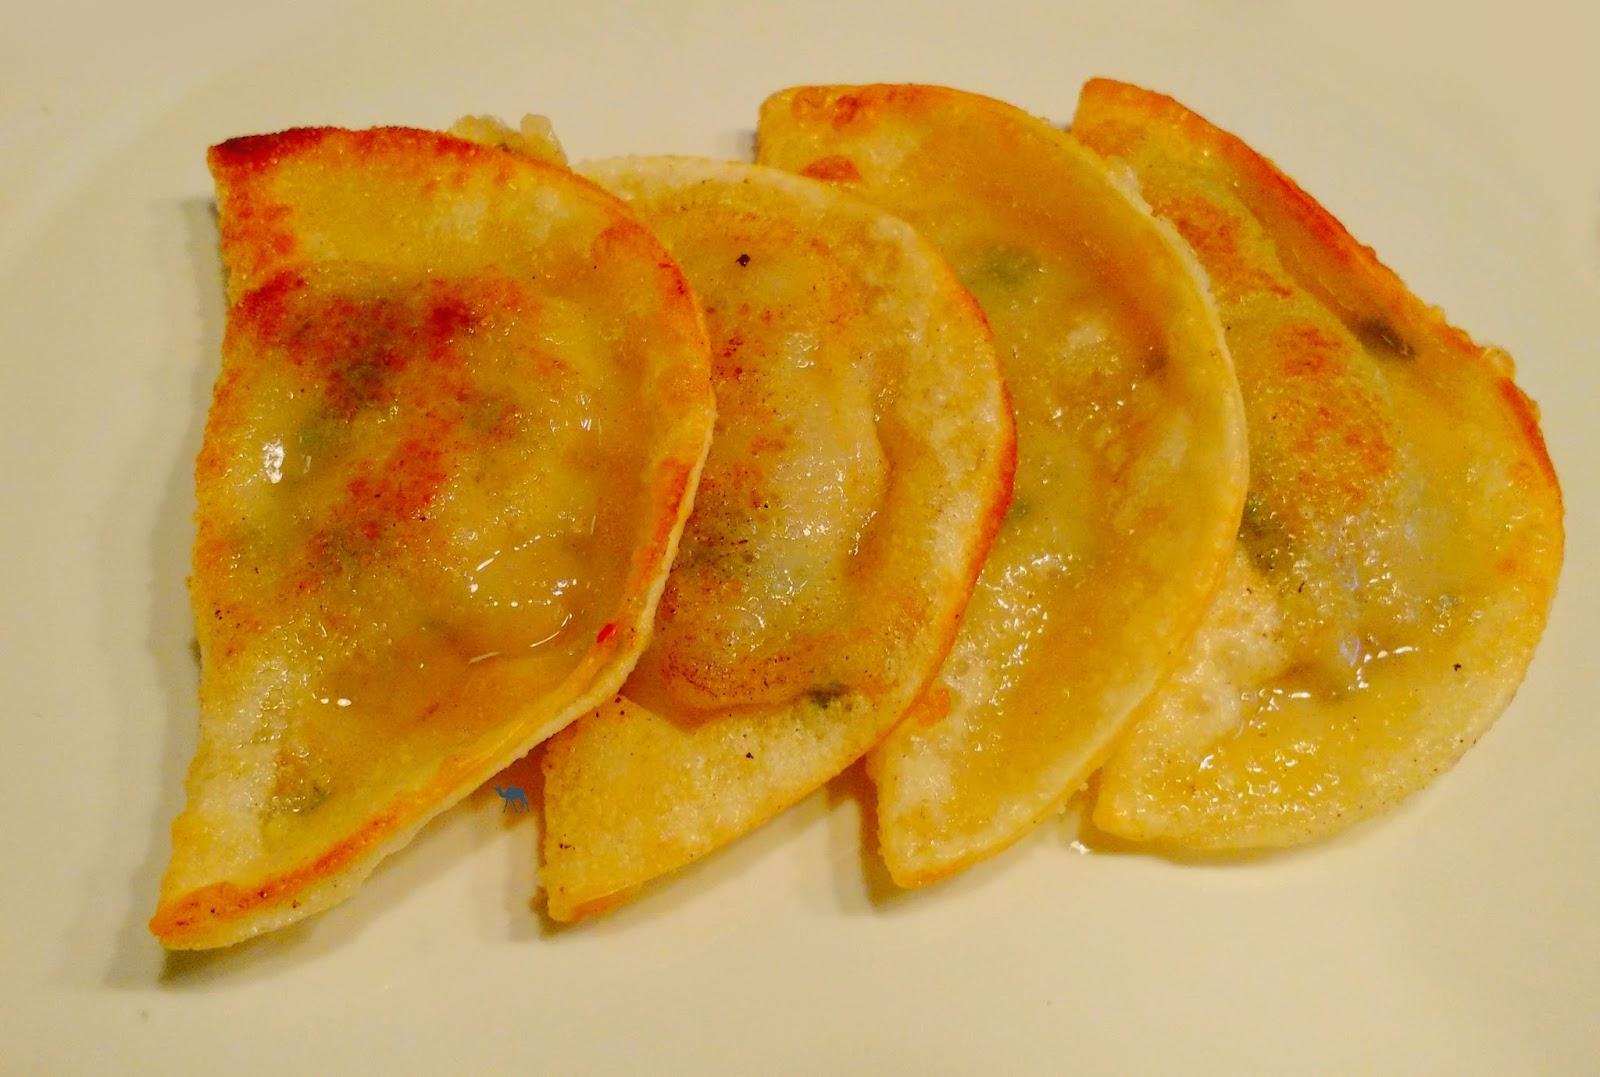 Le Chameau Bleu - Blog Gastronomie Restaurant Corée Paris - Mandus Coréens chez Mee Gastronomie Coréenne